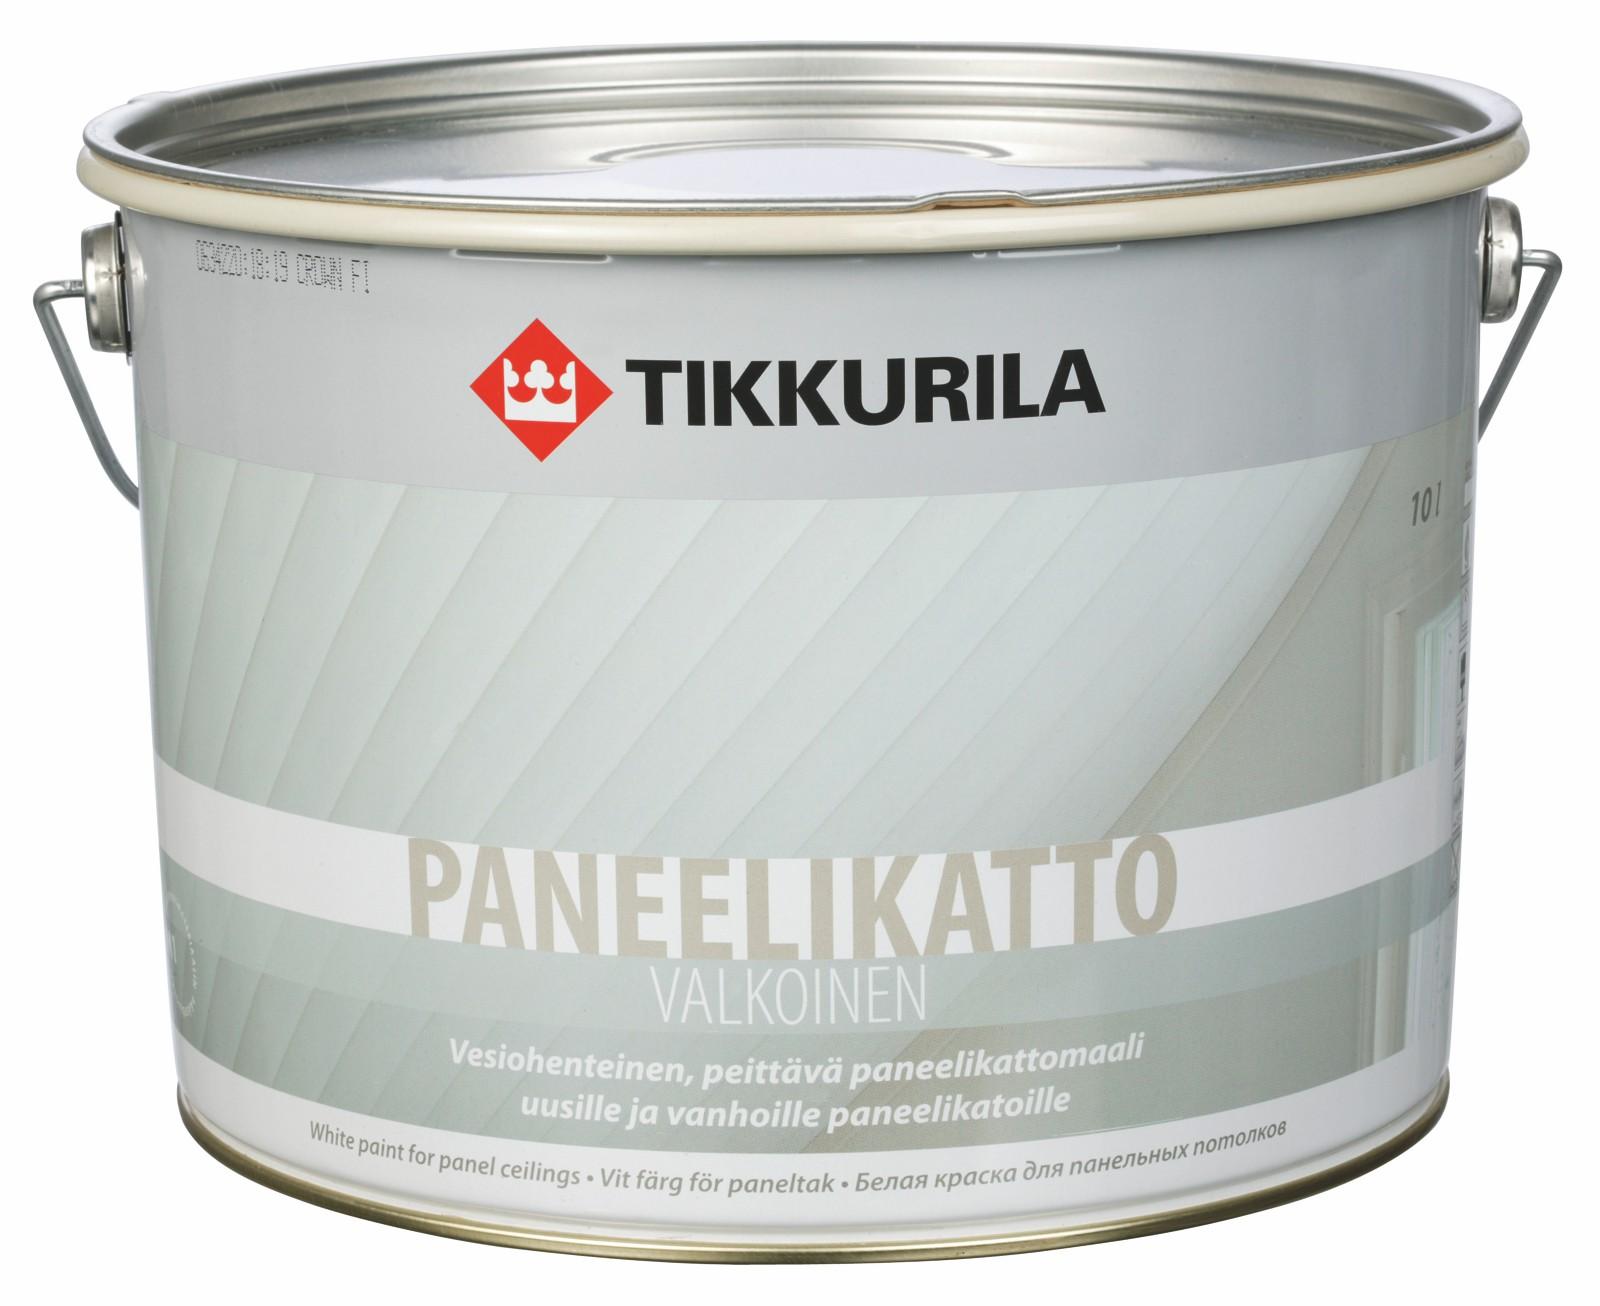 Maali Tikkurila Paneelikatto Valkoinen 10 l